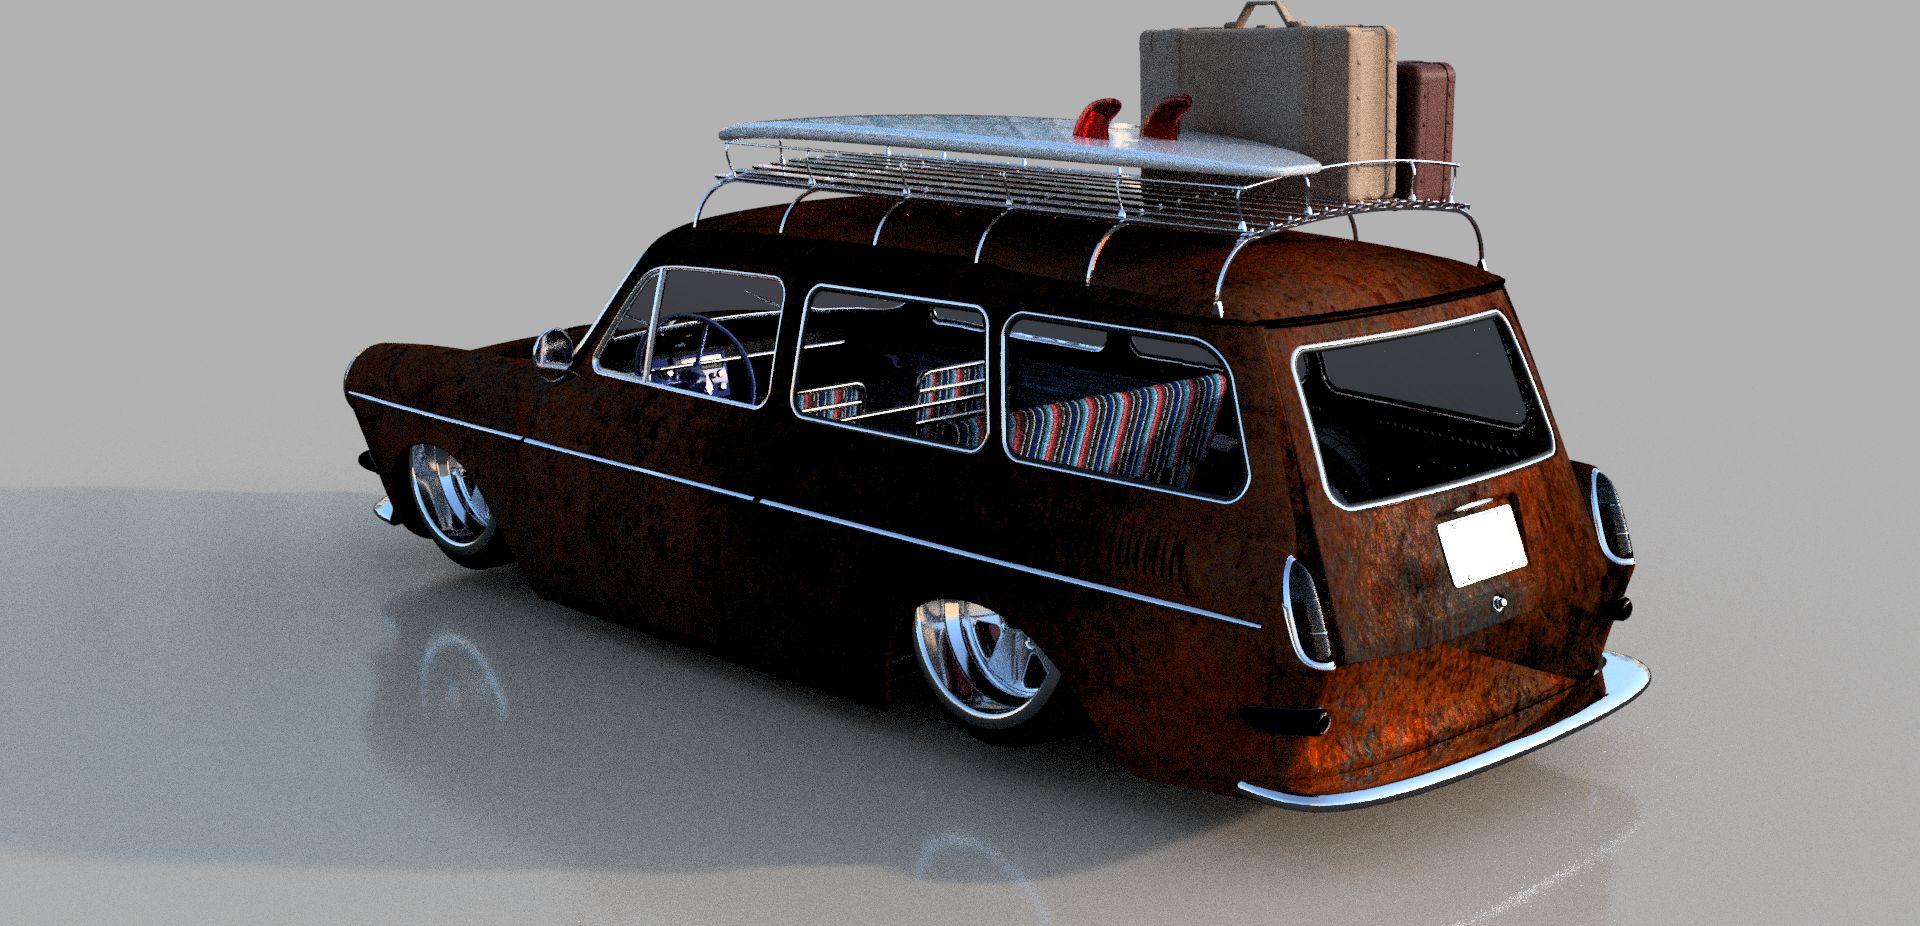 Vw-squareback-v19-2-3500-3500